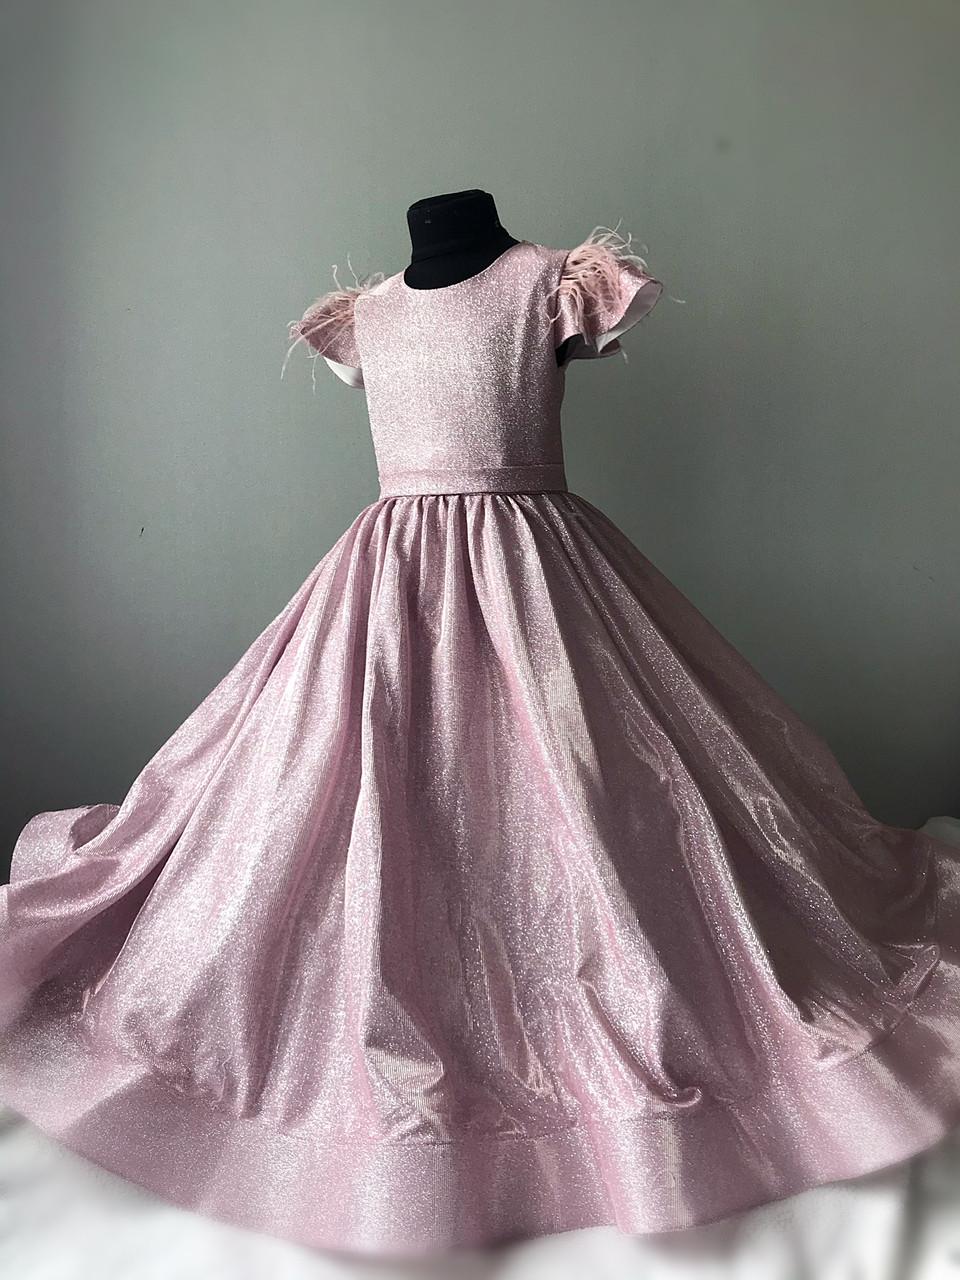 Детское Пудровое платье с блеском ( шиммер) Размер 34